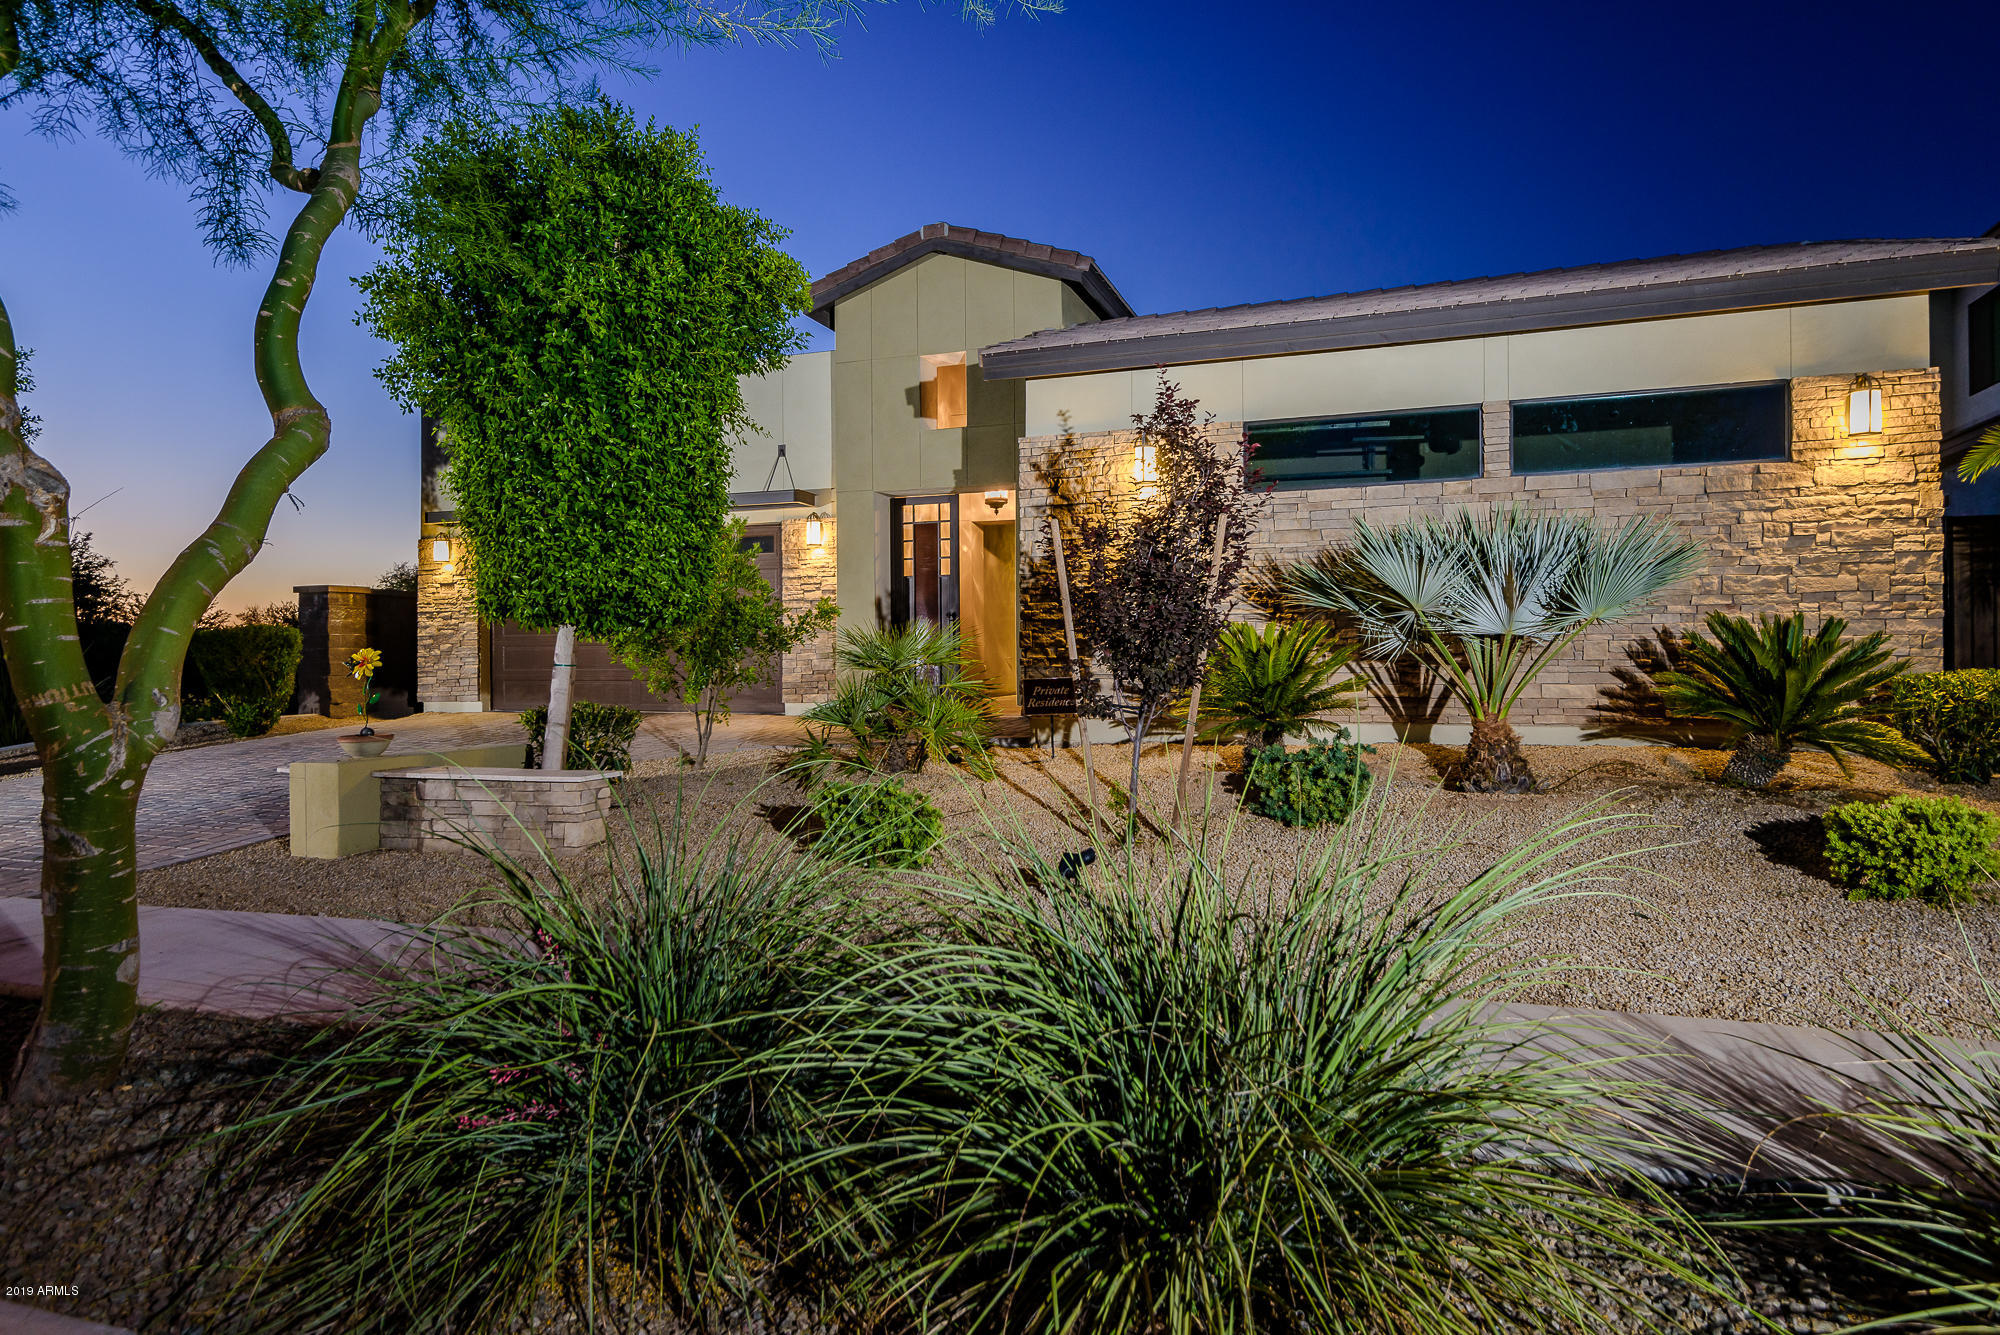 MLS 5951817 3808 E Lynx Place, Chandler, AZ 85249 Chandler AZ Three Bedroom